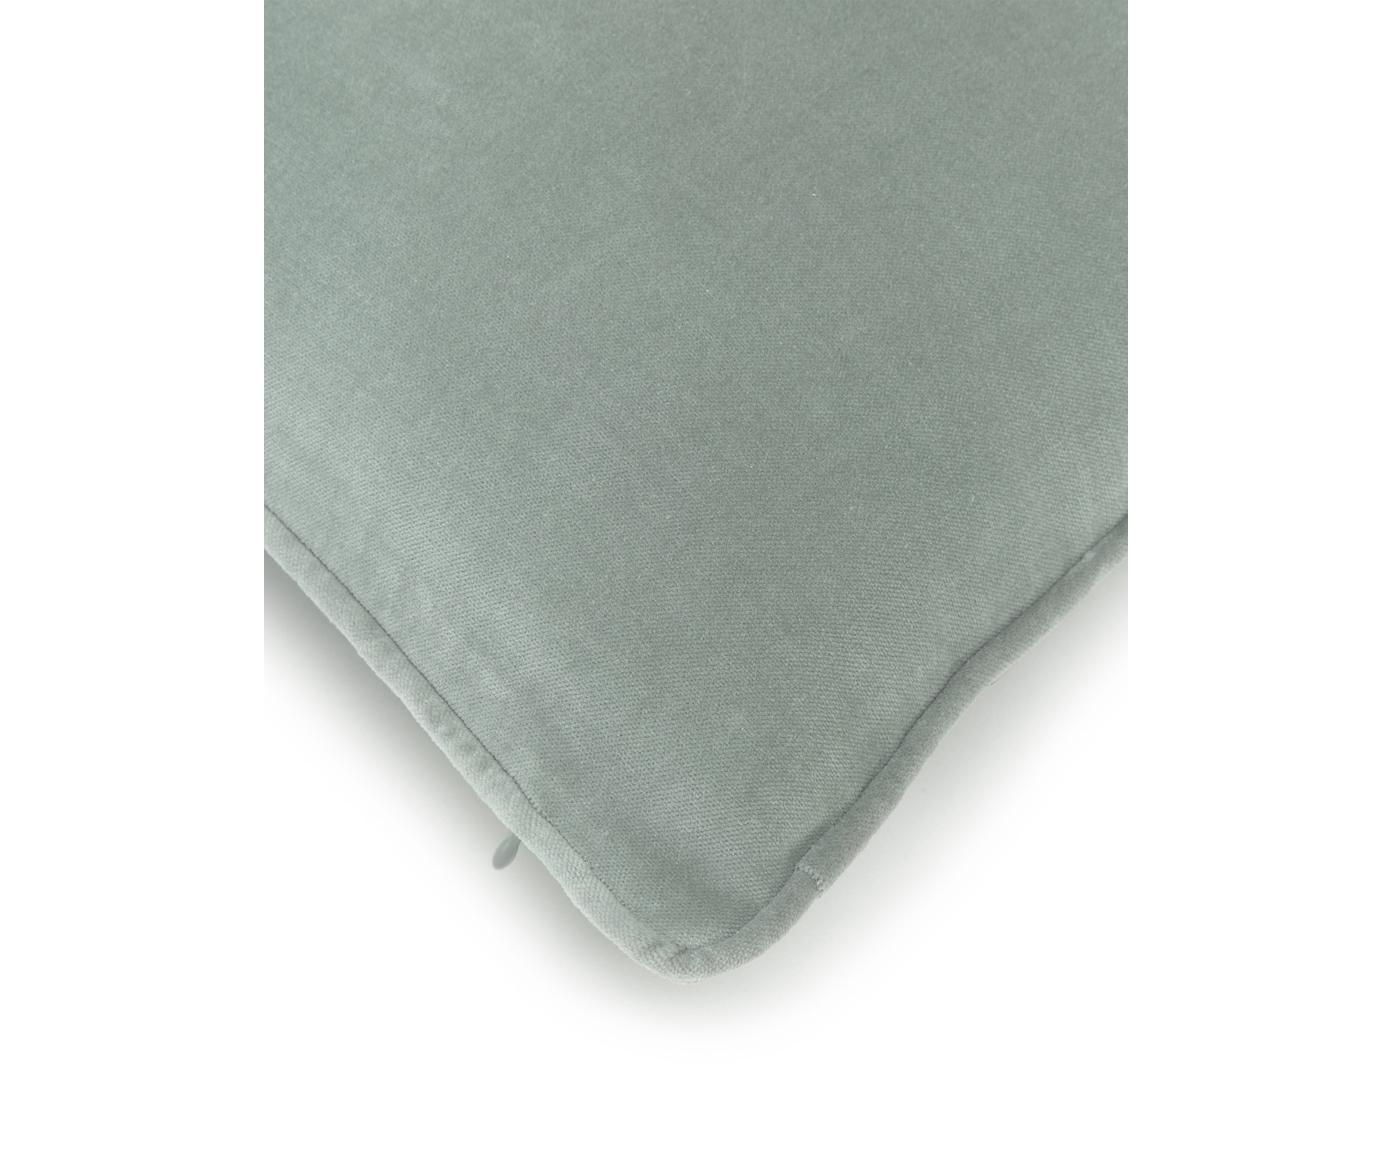 Poszewka na poduszkę z aksamitu Dana, Aksamit bawełniany, Szałwiowy zielony, S 50 x D 50 cm